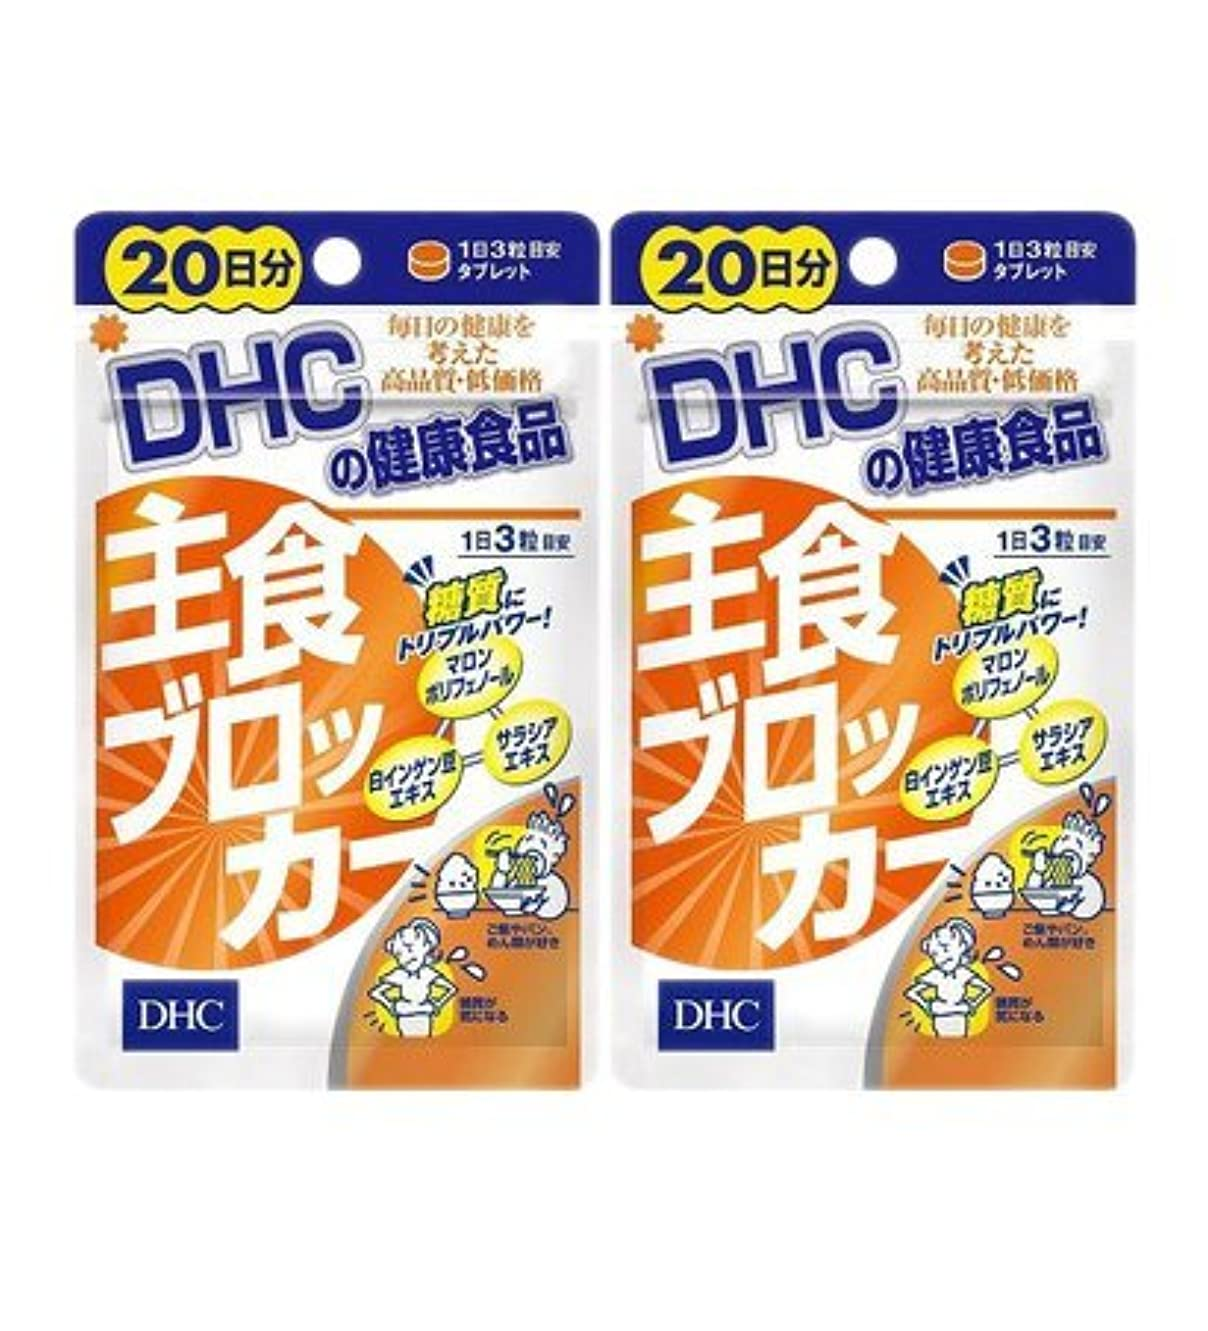 マウスピース杭マディソン【2個セット】DHC 主食ブロッカー 20日分 60粒入